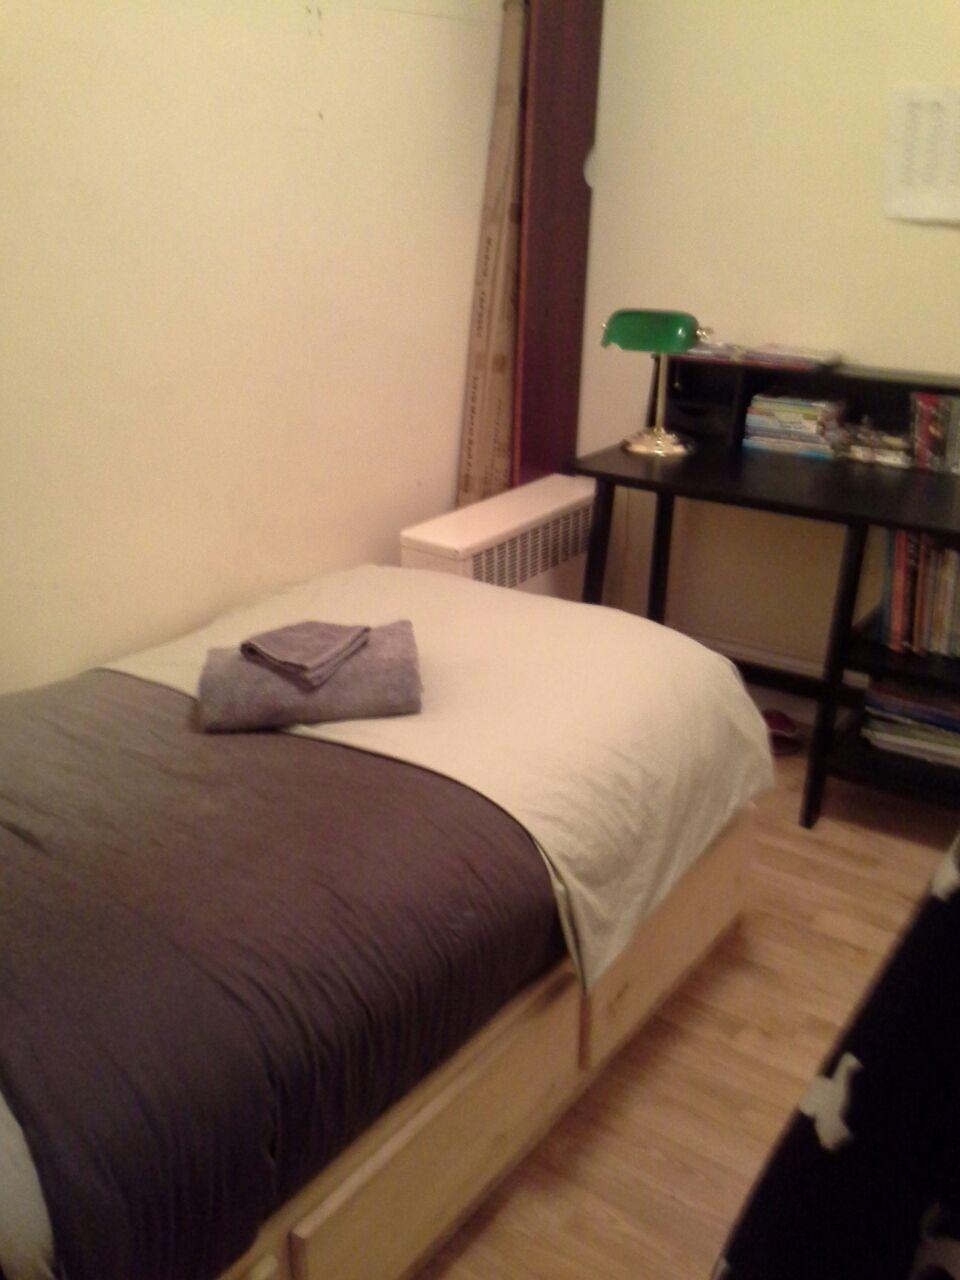 Private bedroom in 3 bdrm apt